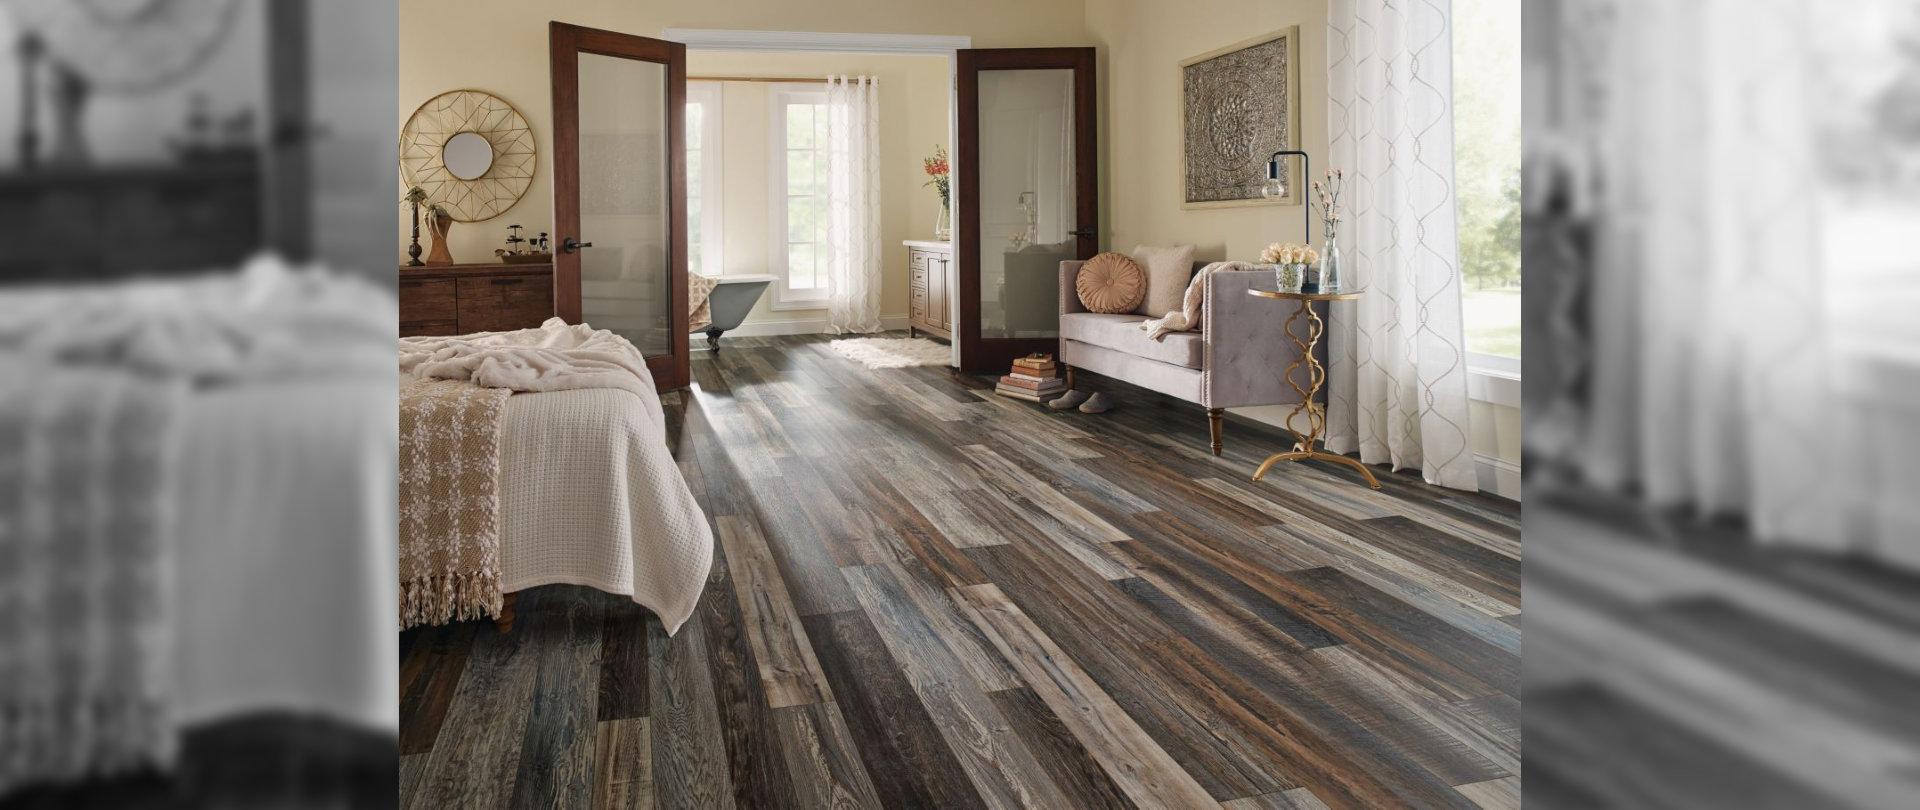 floor design at the bedroom